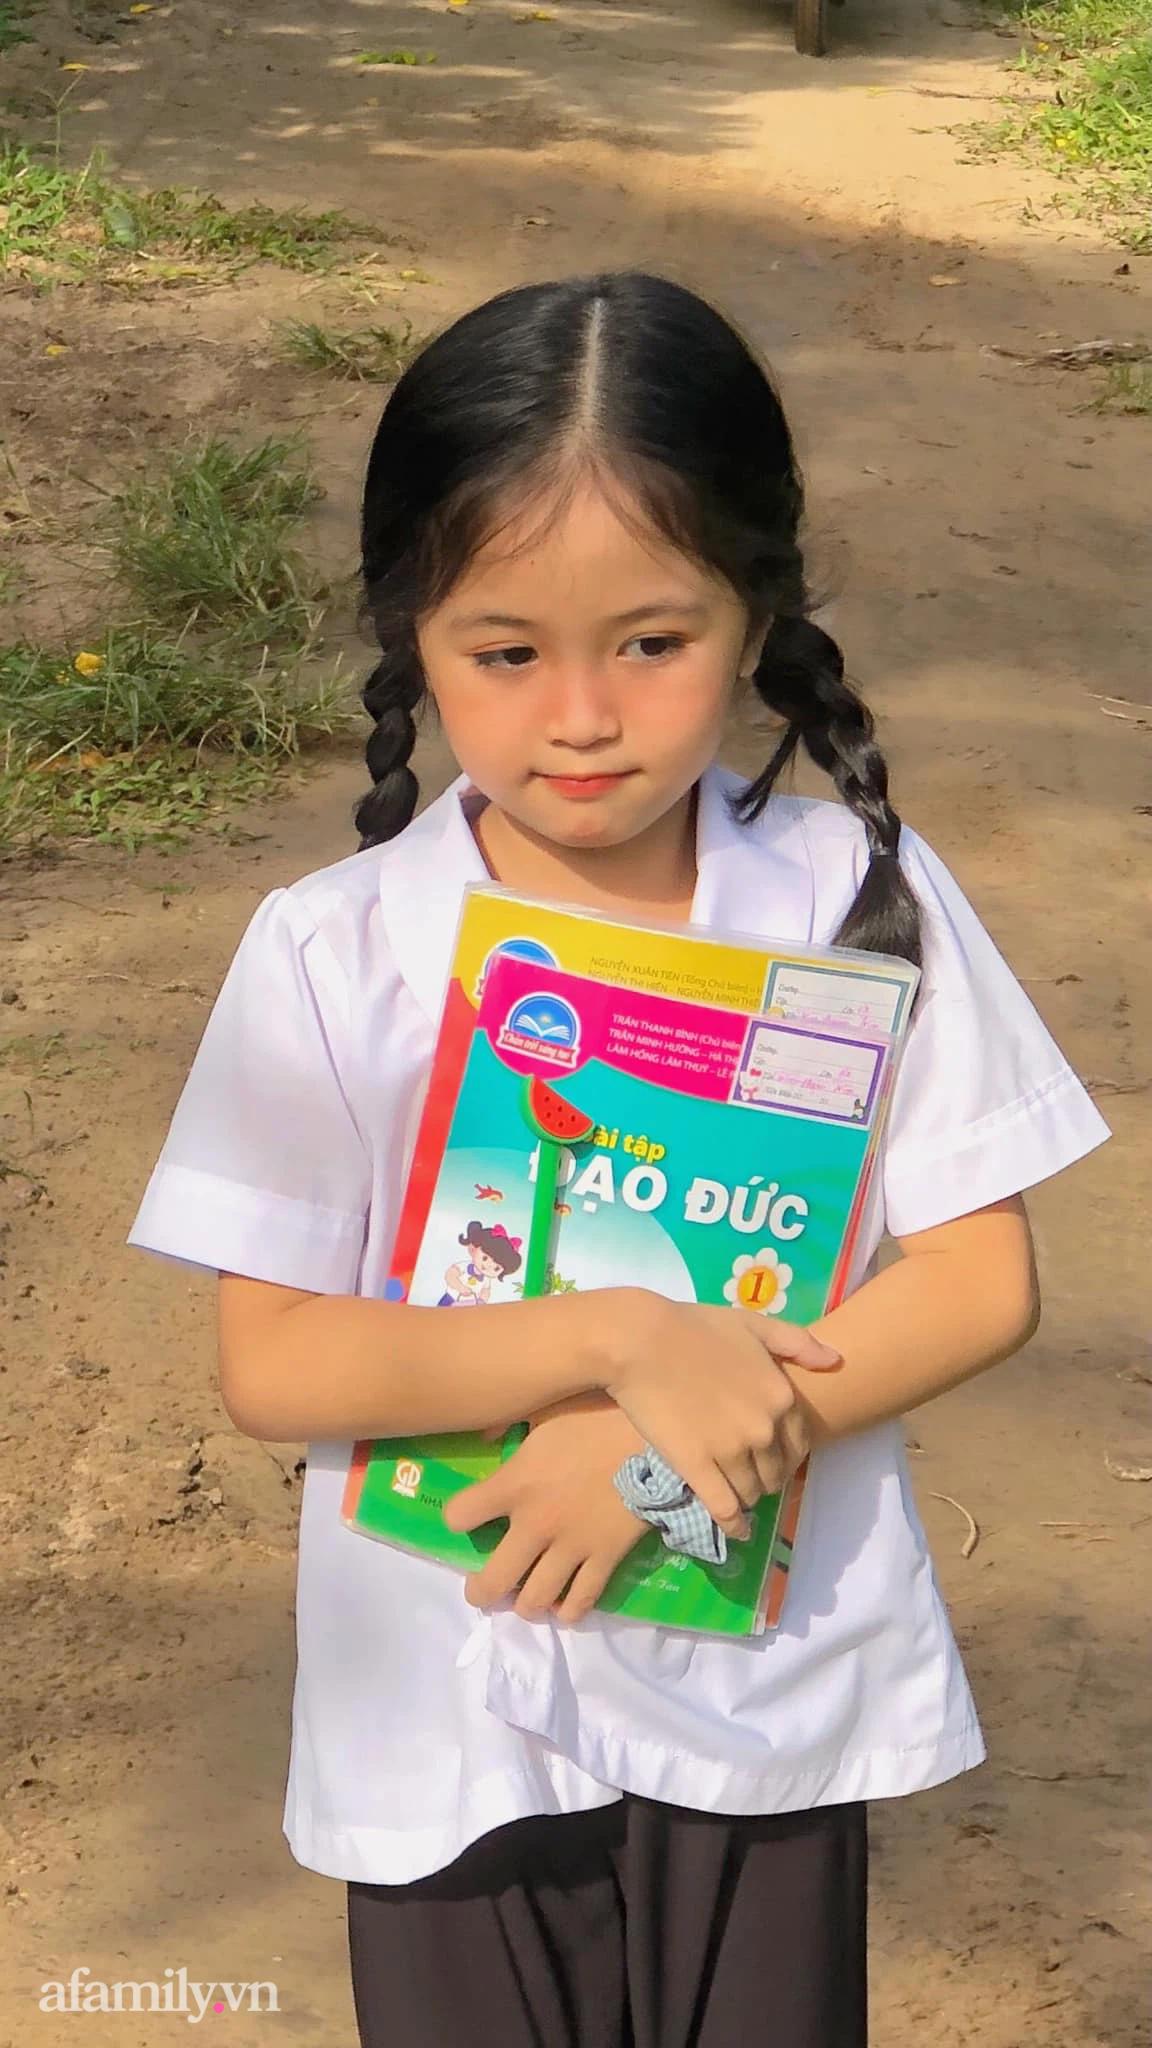 Bé gái thôn quê cắp sách tới trường khiến ai nấy ngẩn ngơ vì quá đỗi dễ thương - Ảnh 3.